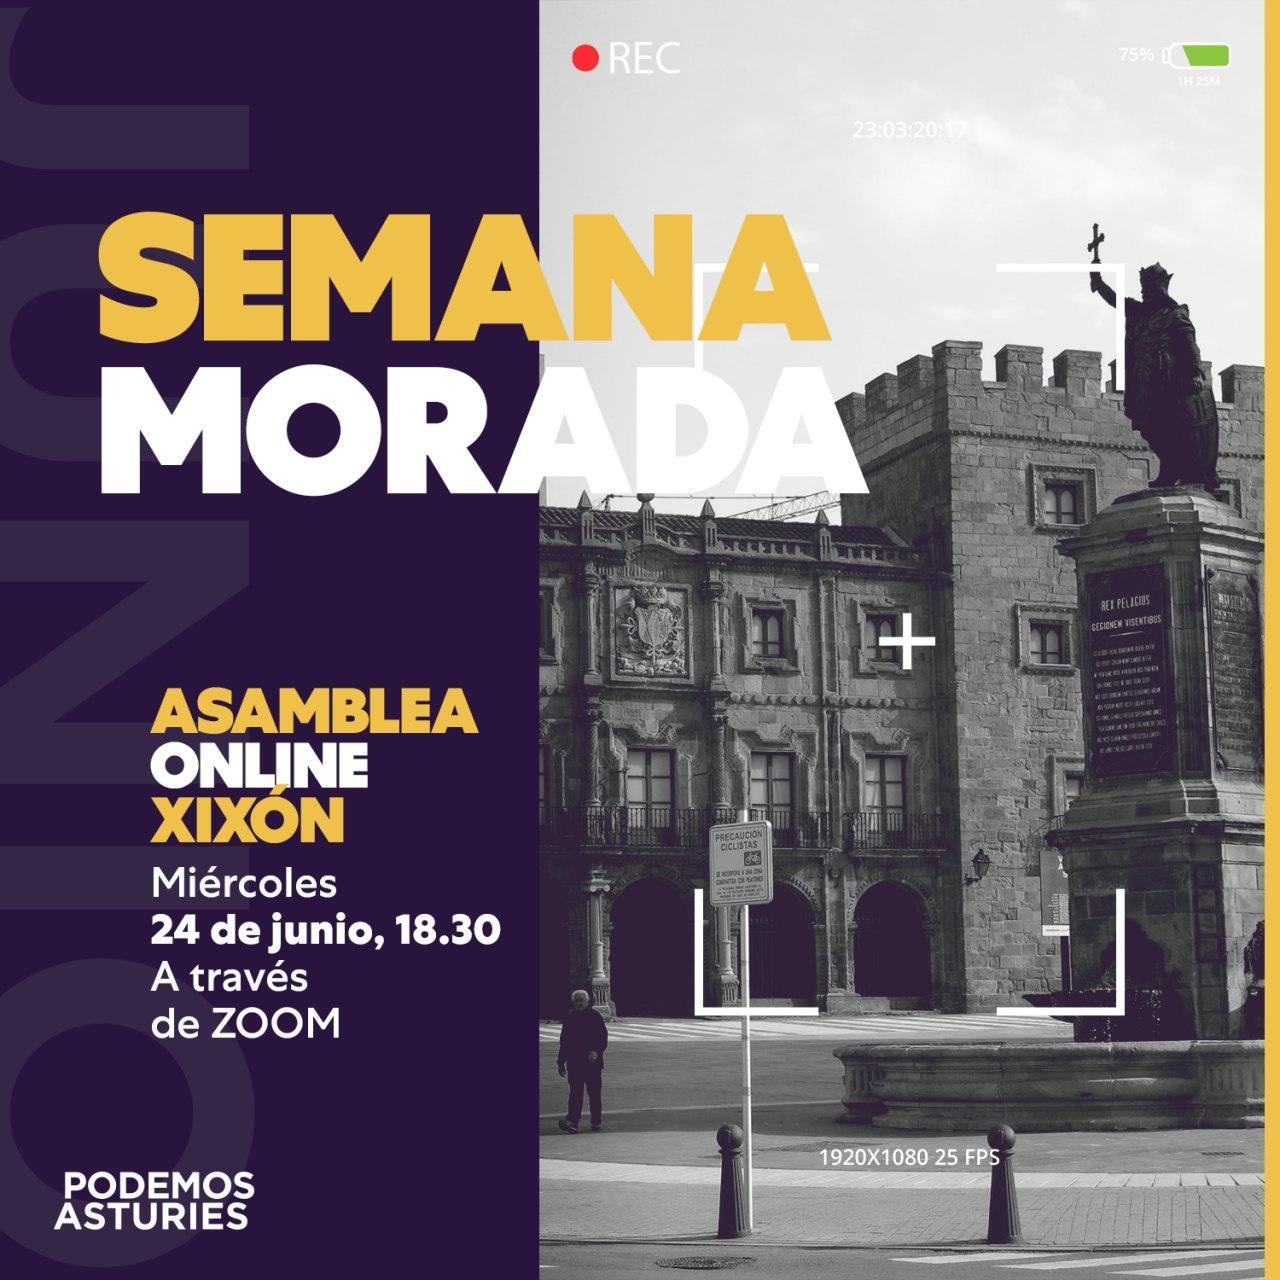 Asamblea online Xixón. Miércoles 24 de Junio, 18:30. A través de Zoom